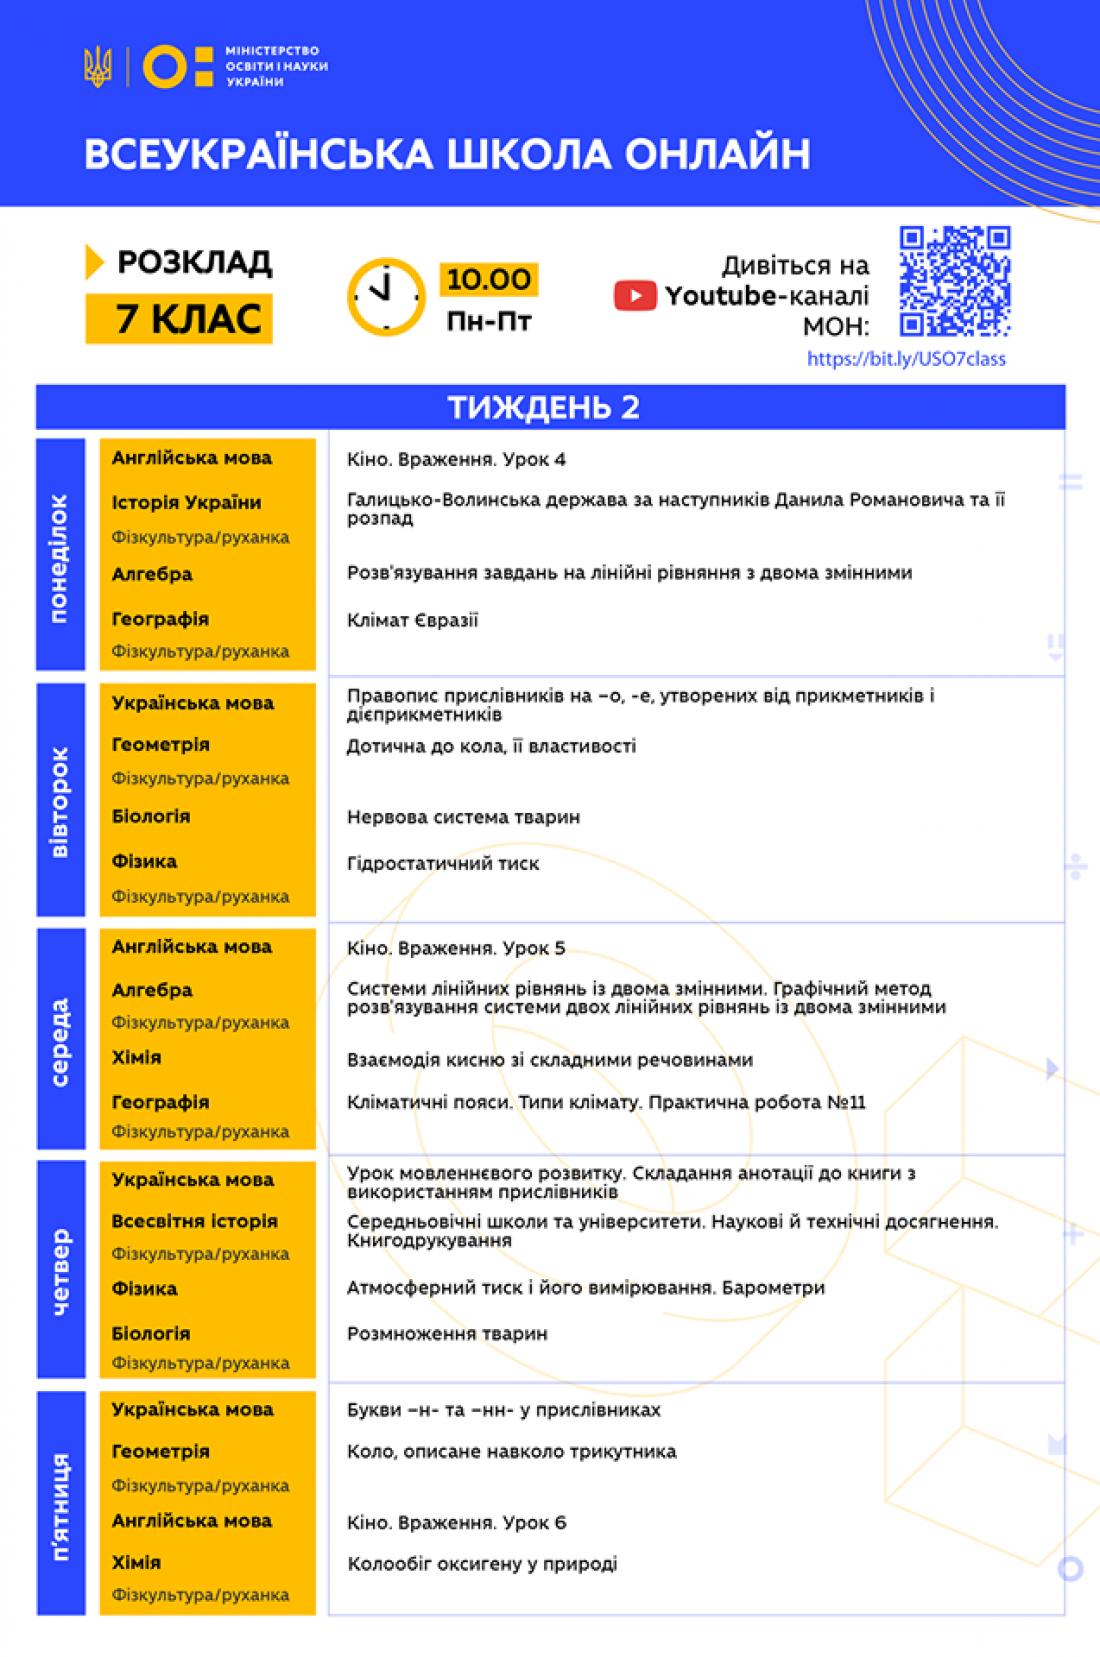 Всеукраинская школа онлайн: Расписание для 7 класса